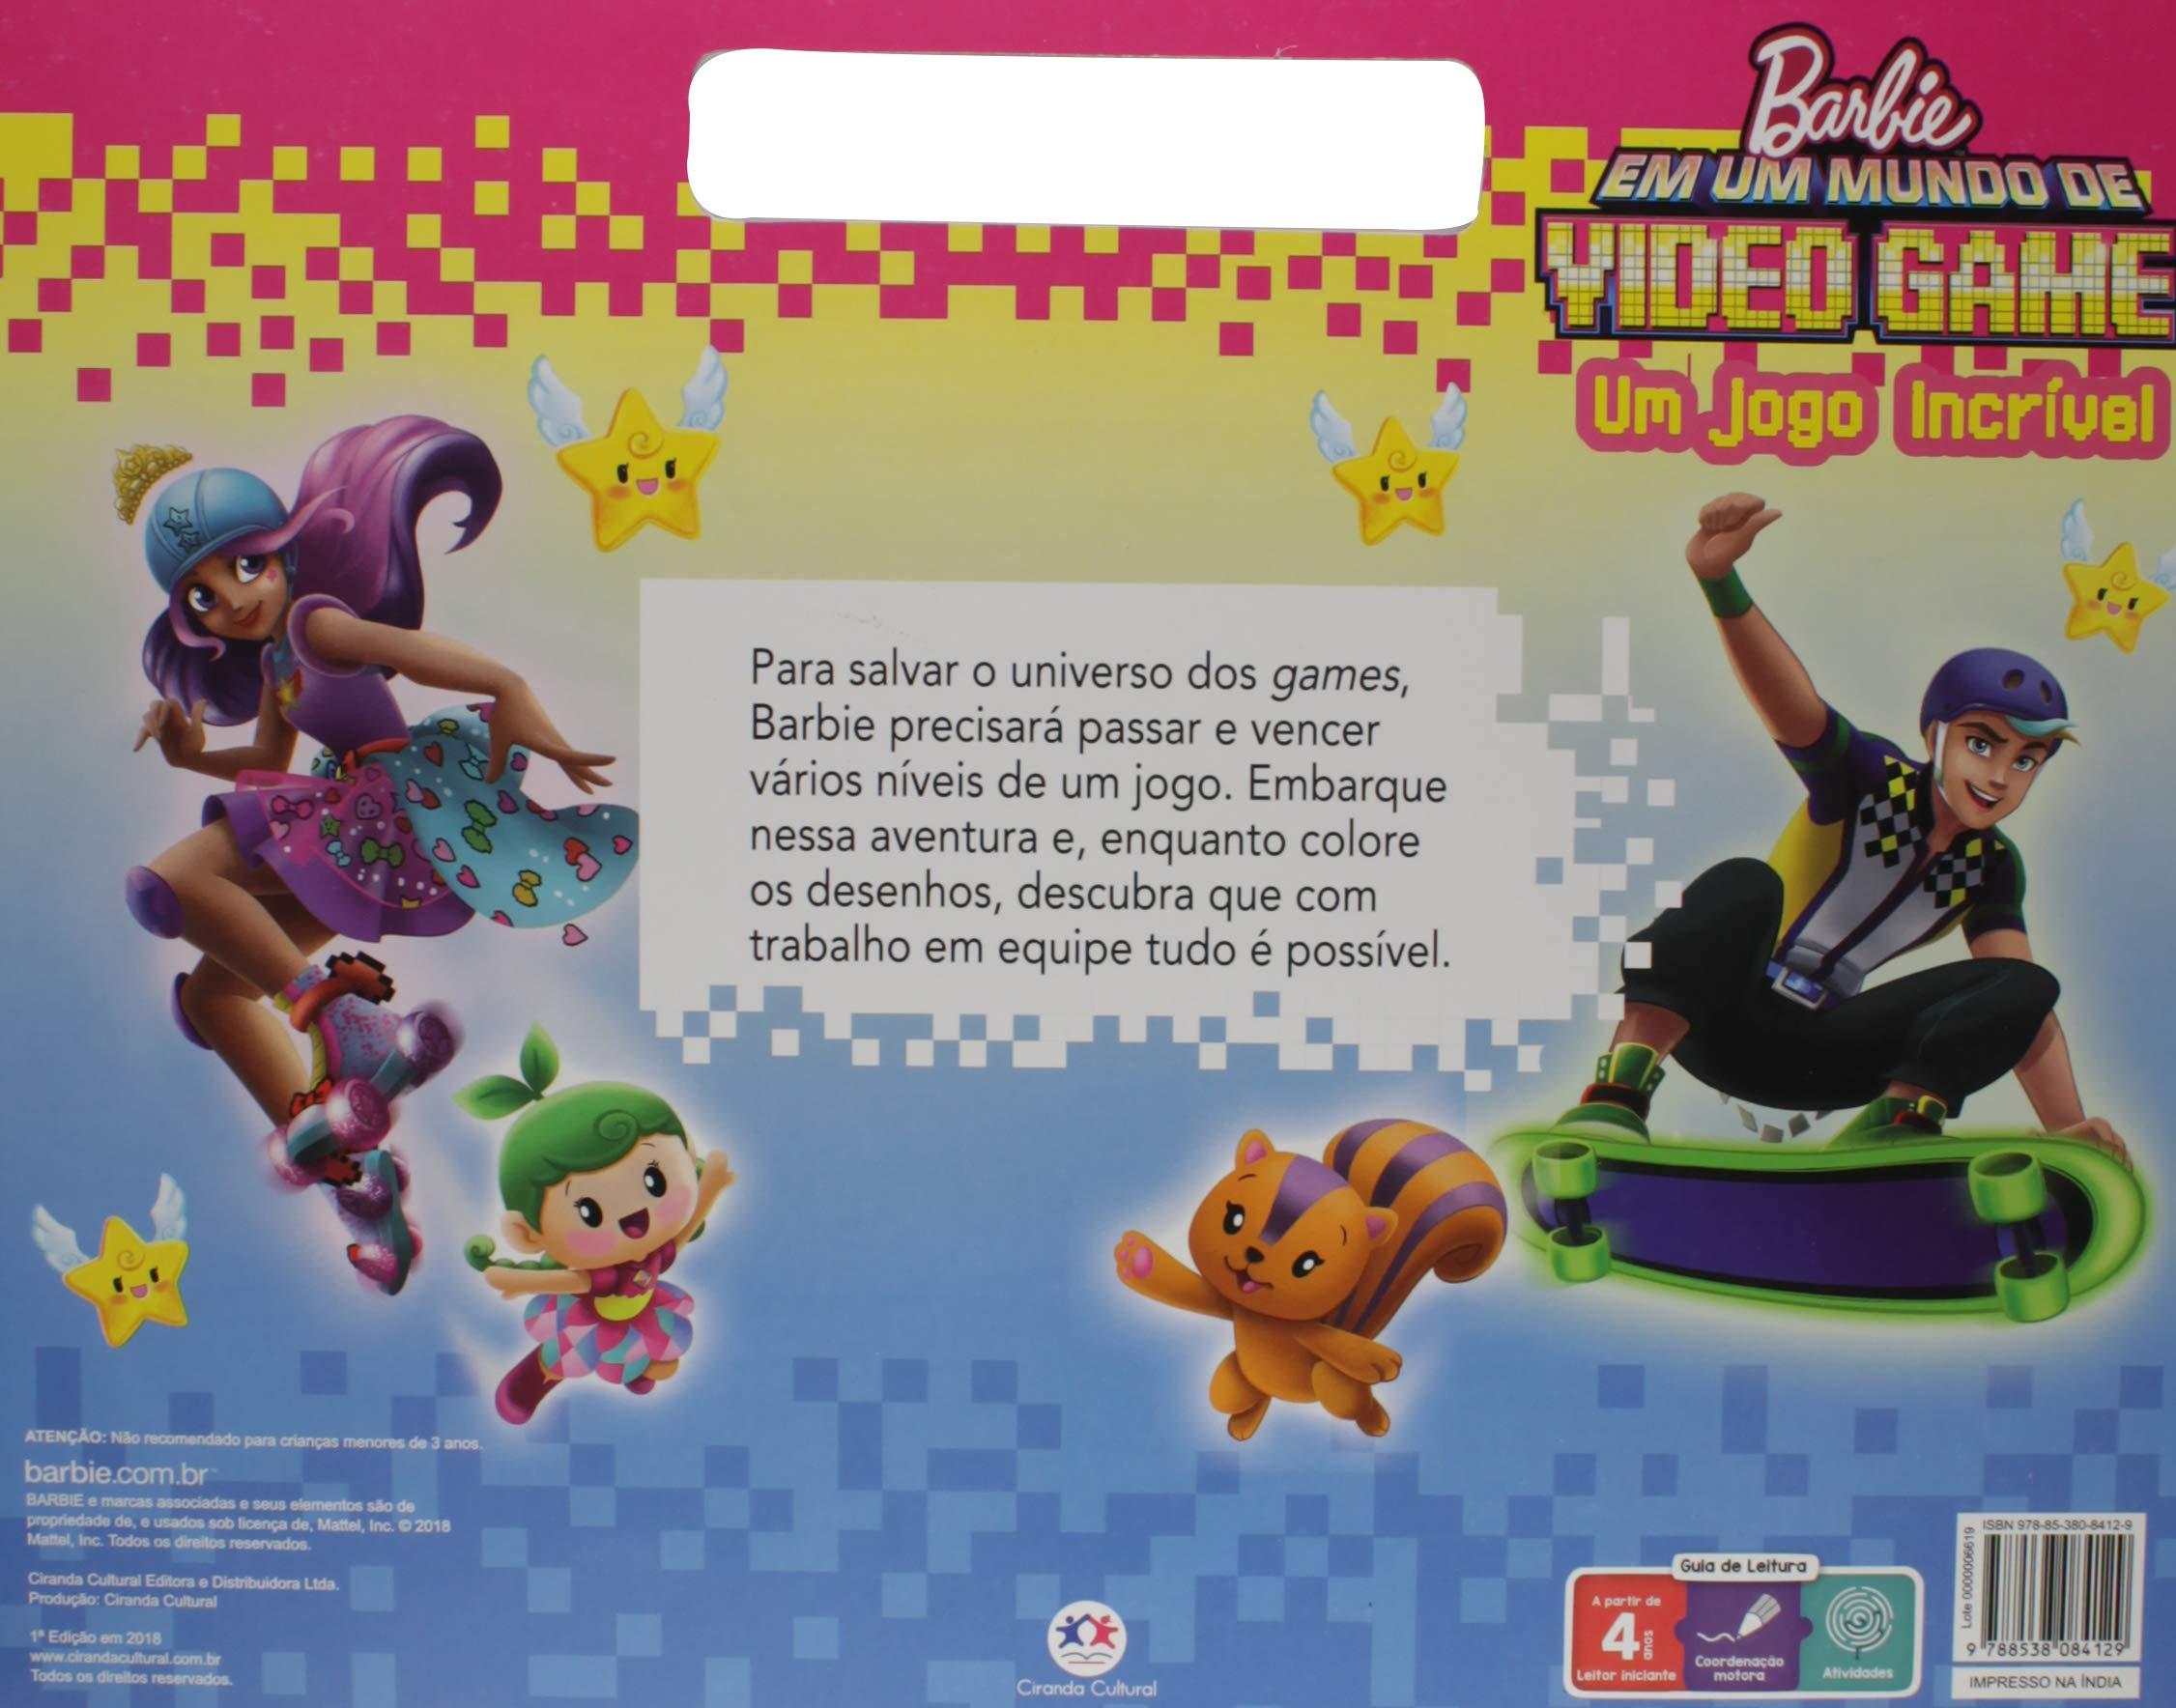 Barbie: em um Mundo de Video Game - Um Jogo Incrível ...